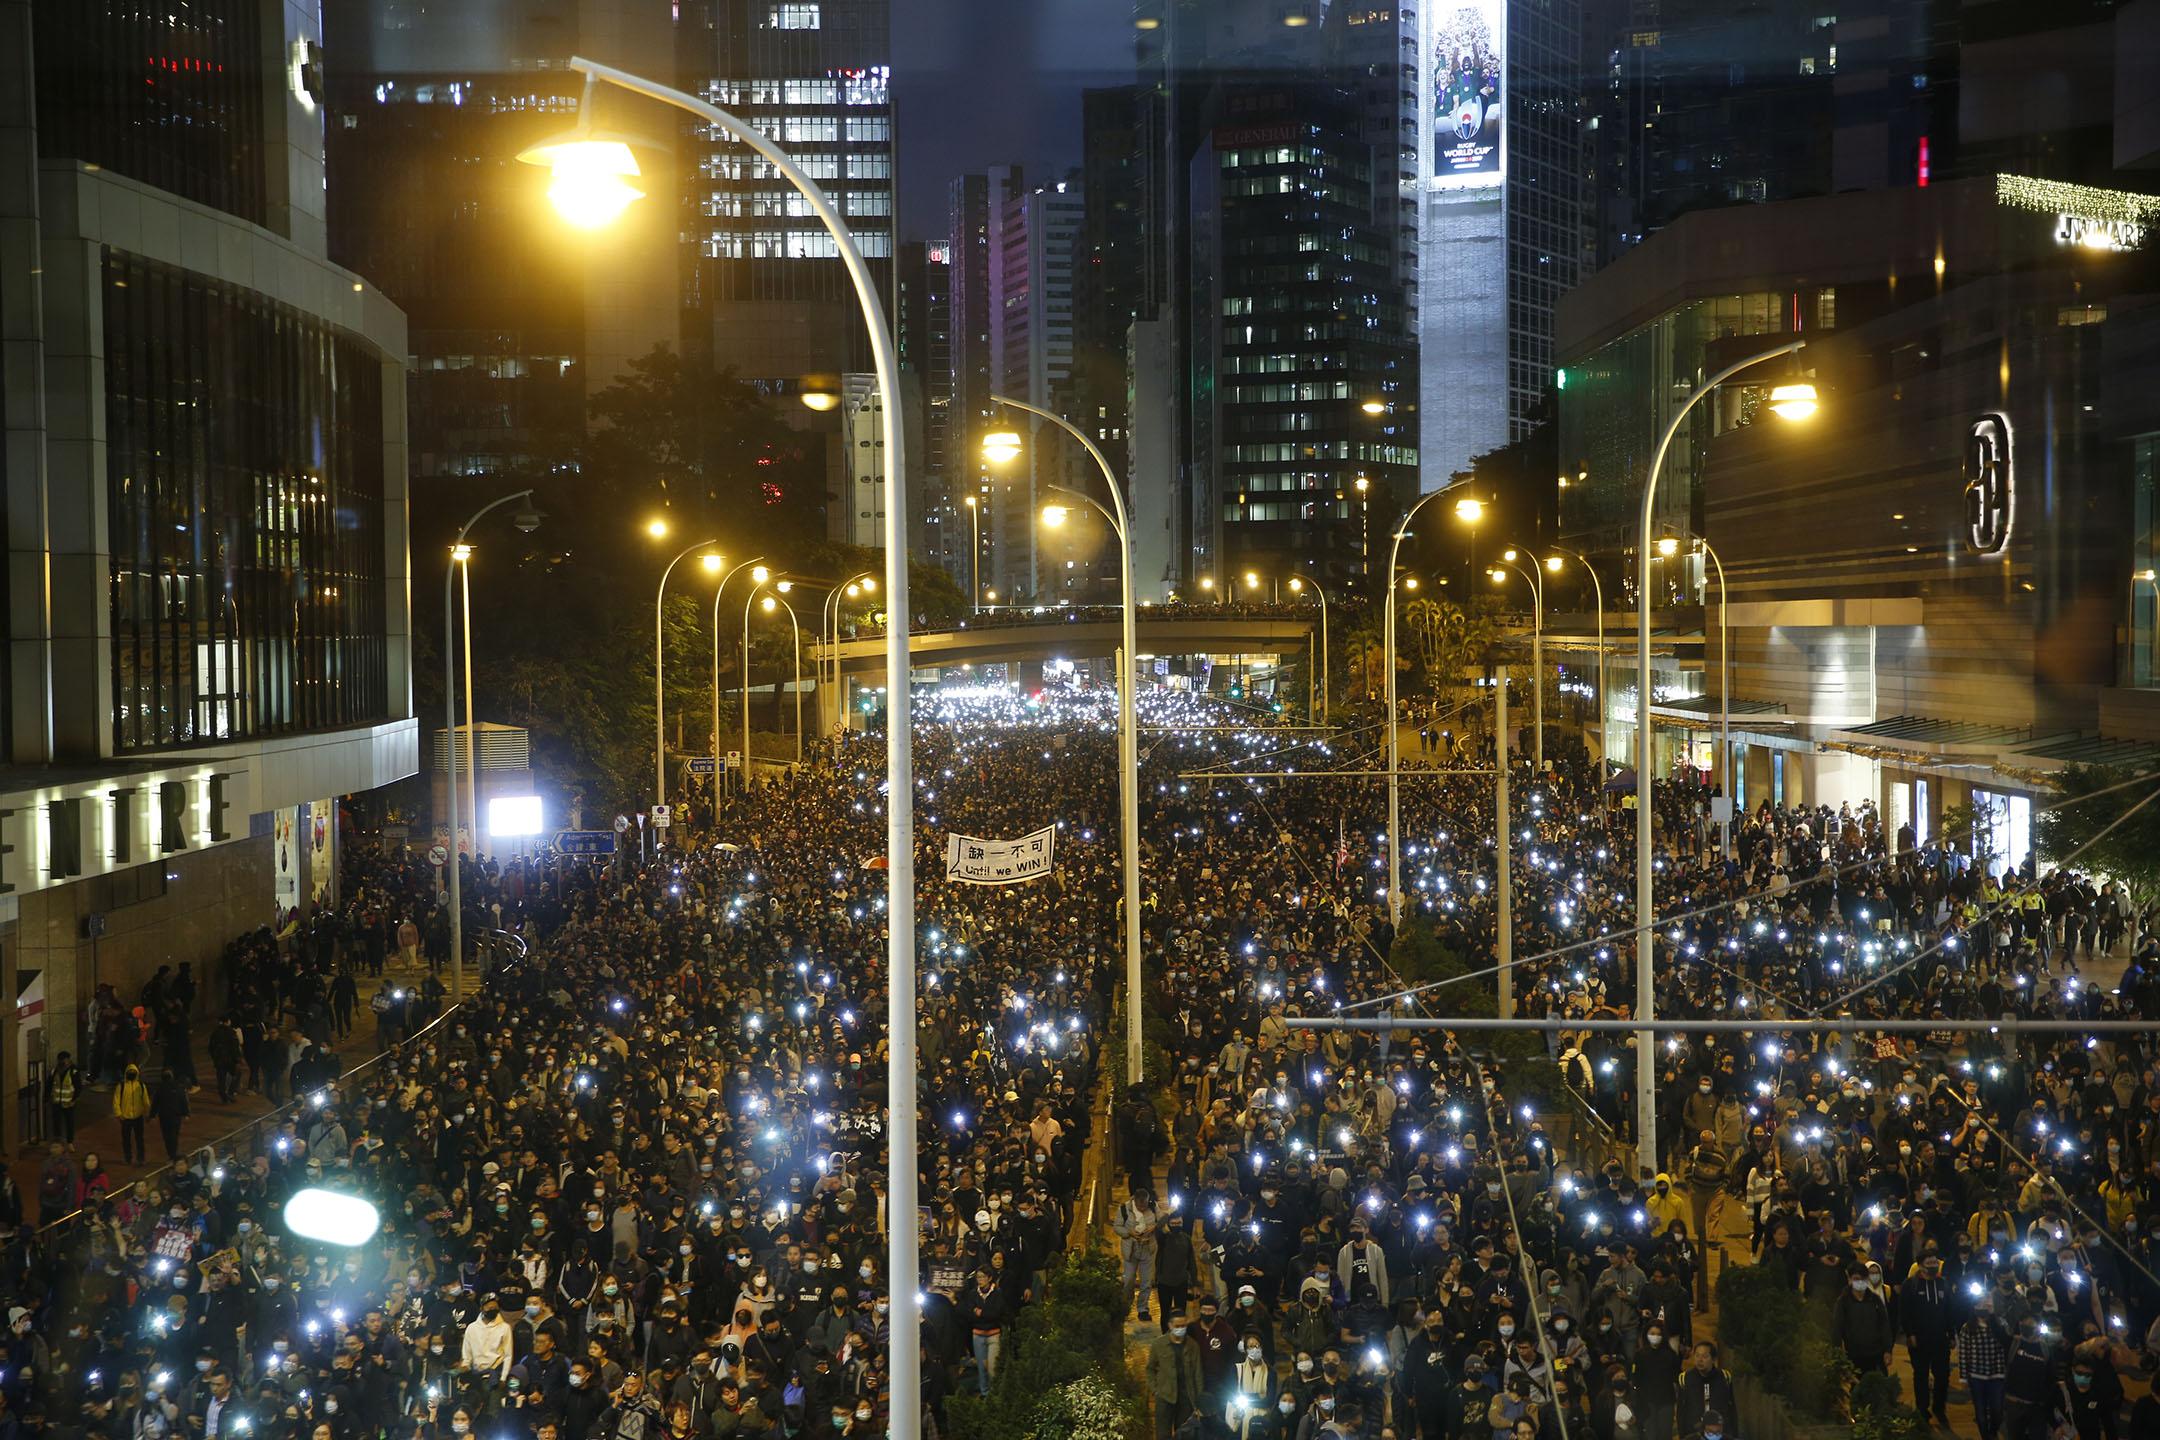 2019年12月8日,民陣發起國際人權日遊行,晚上六點左右,參與遊行的人高舉手機閃光燈前進。 攝:林振東 / 端傳媒